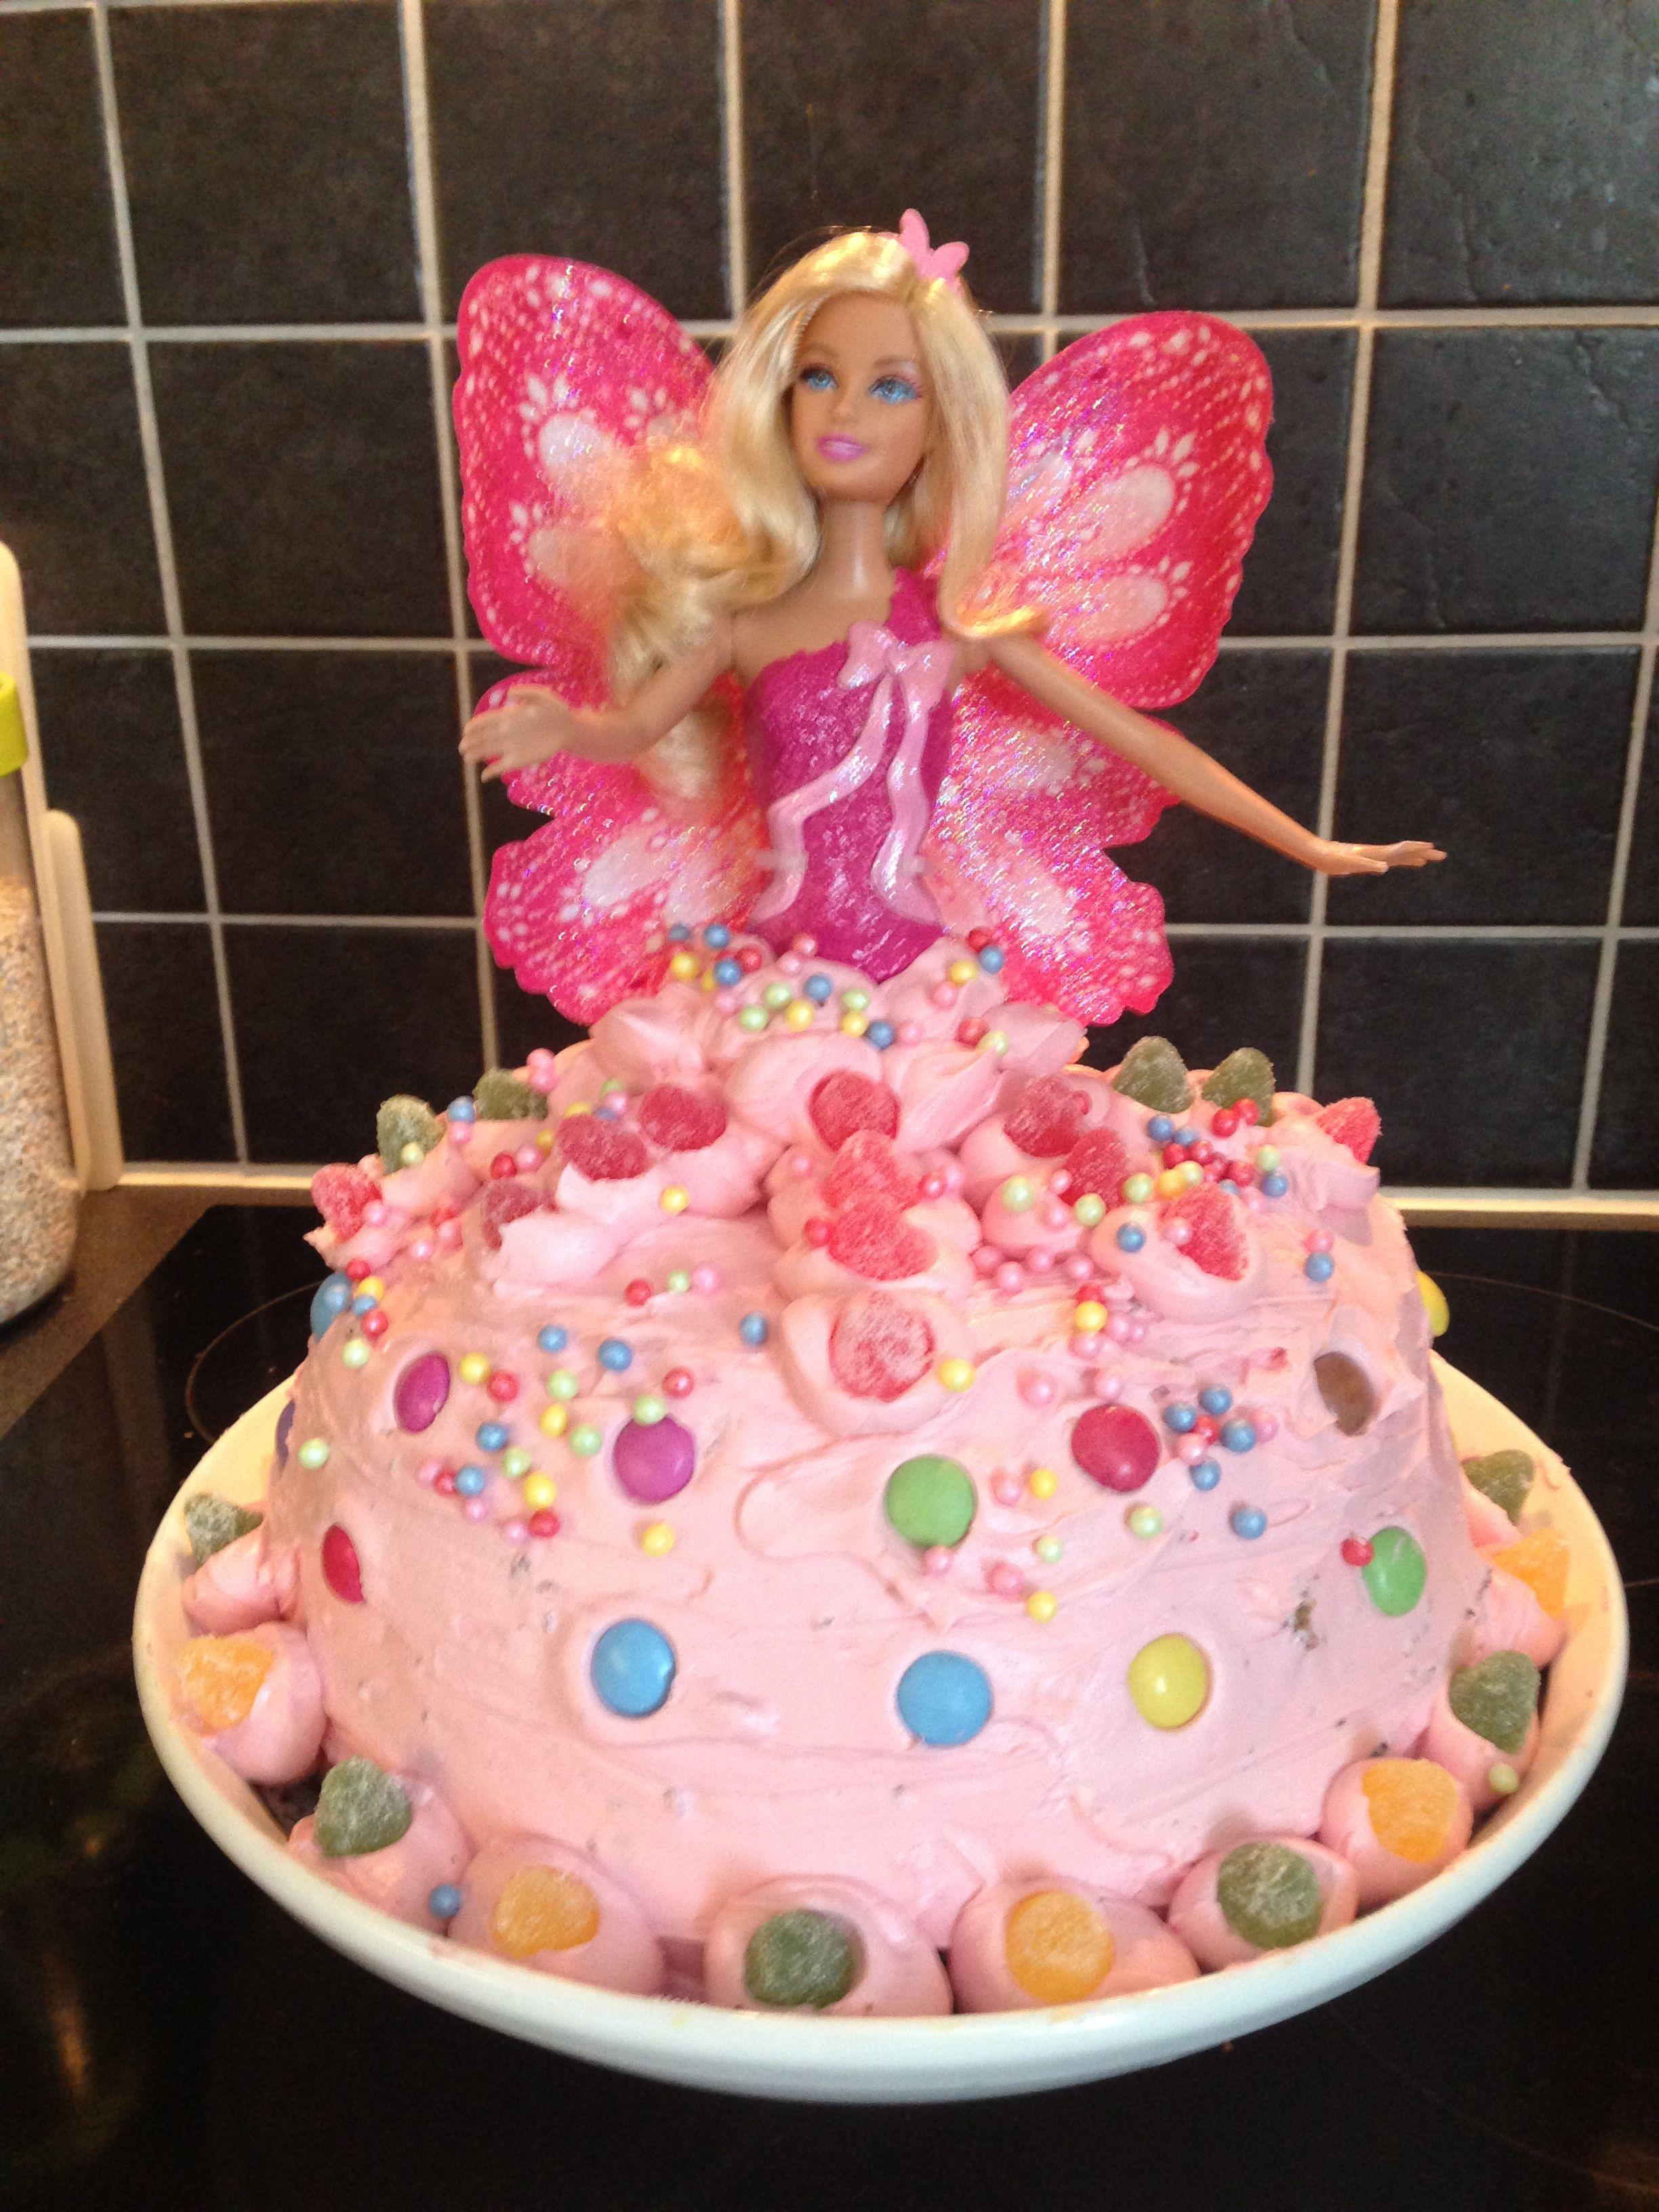 Birthday Cake For My 4 Year Old 16 Birthday Cake Birthday